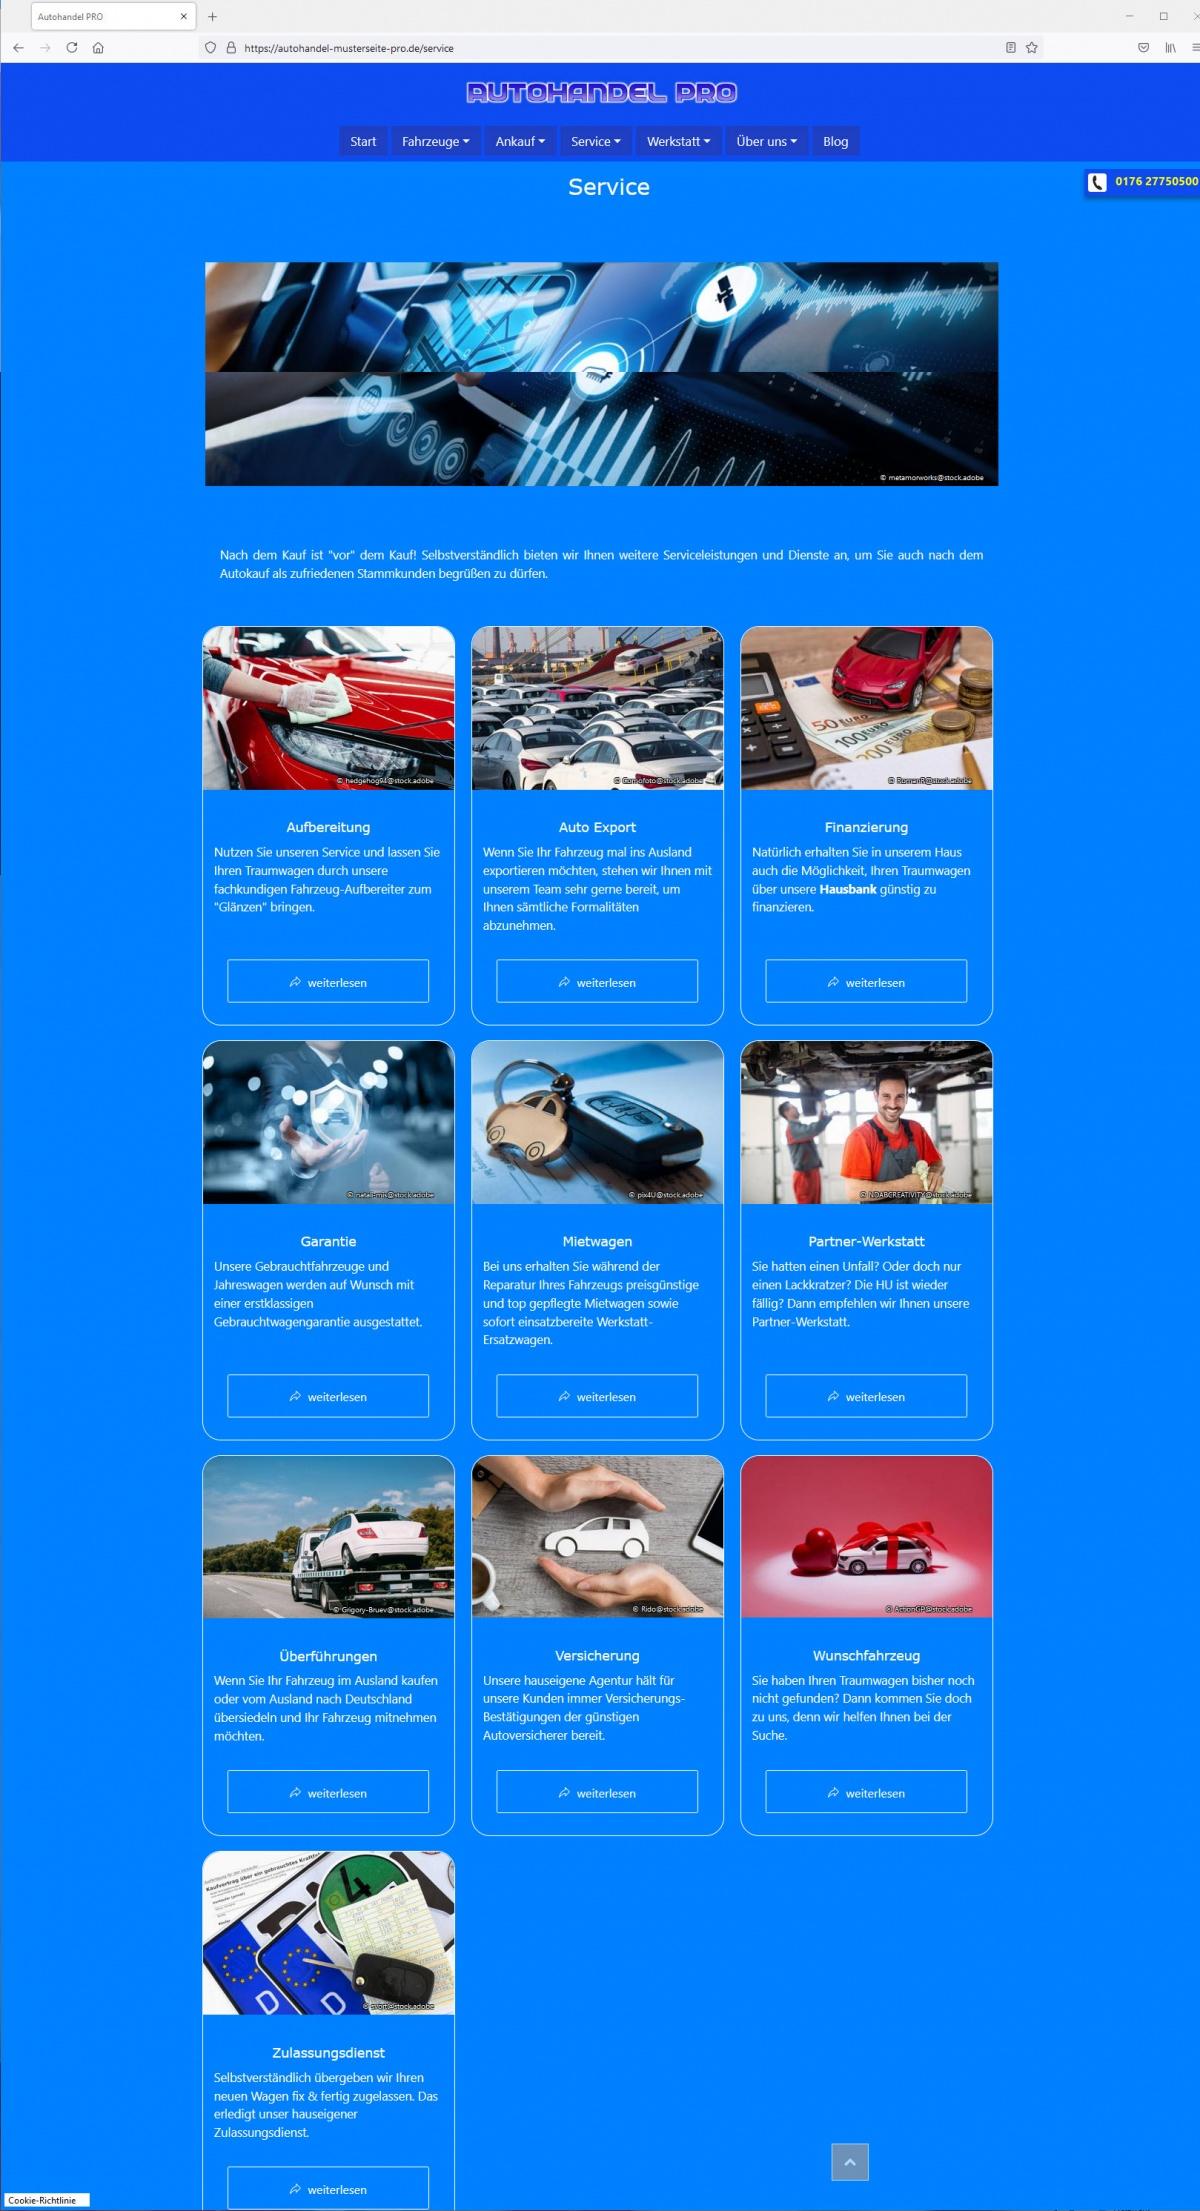 Panorama-Bild als optisches Titel-Element für Unterseiten